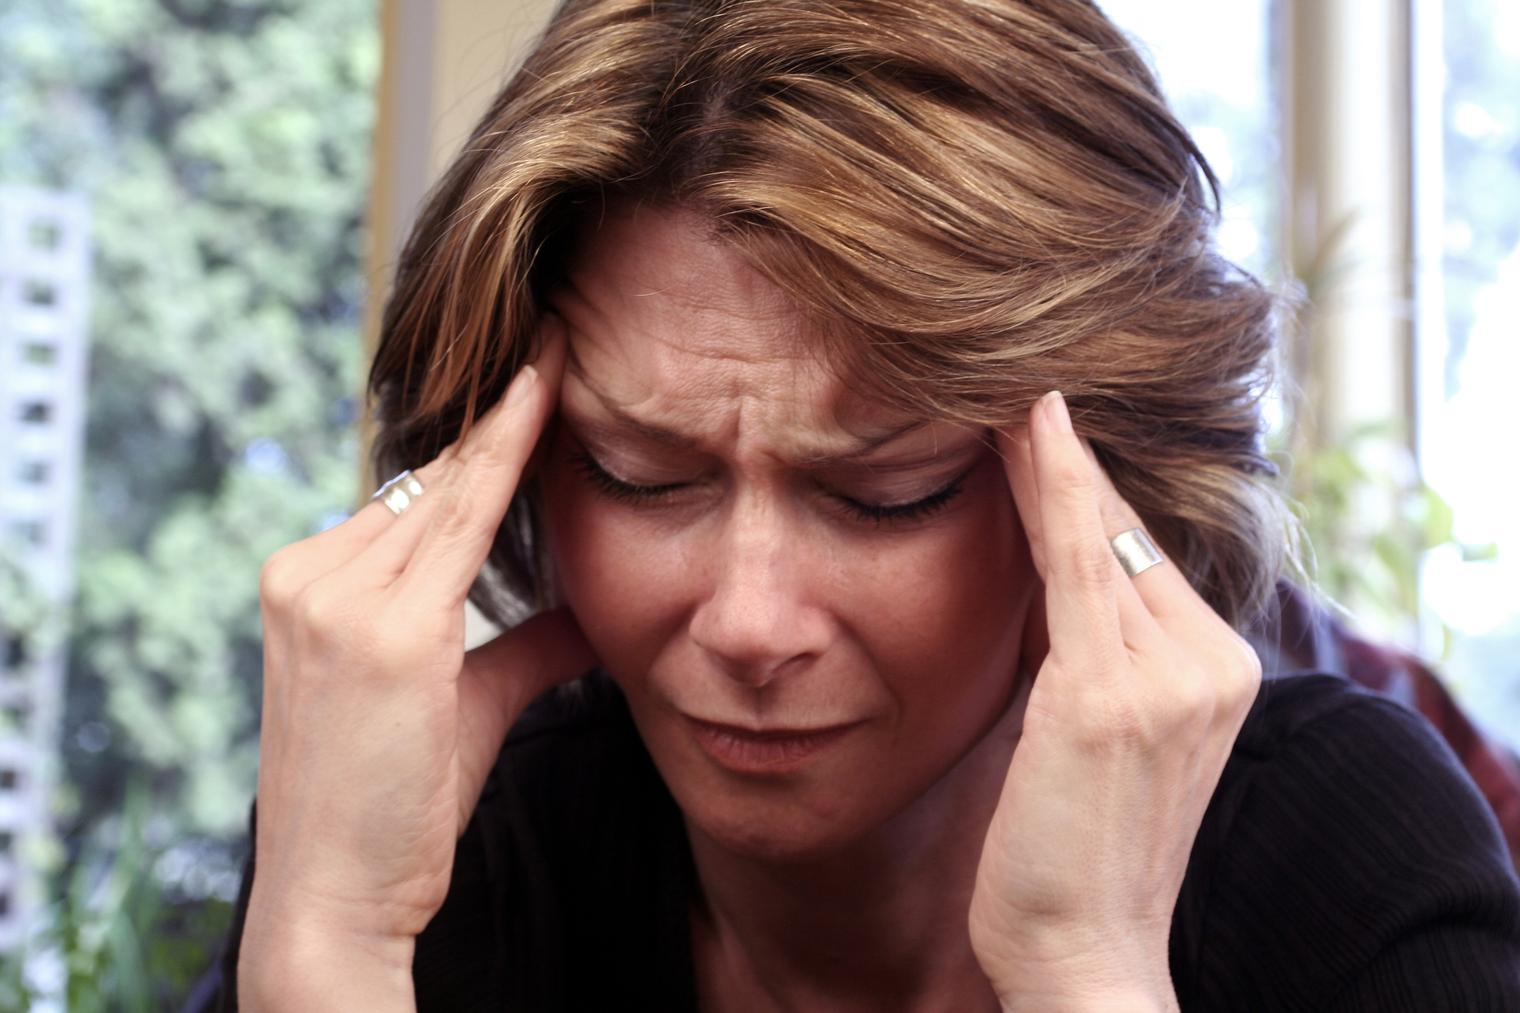 Mamá preocupada por inseguridad le pide a su hijo que mejor rumbee hasta las 5pm del día siguiente